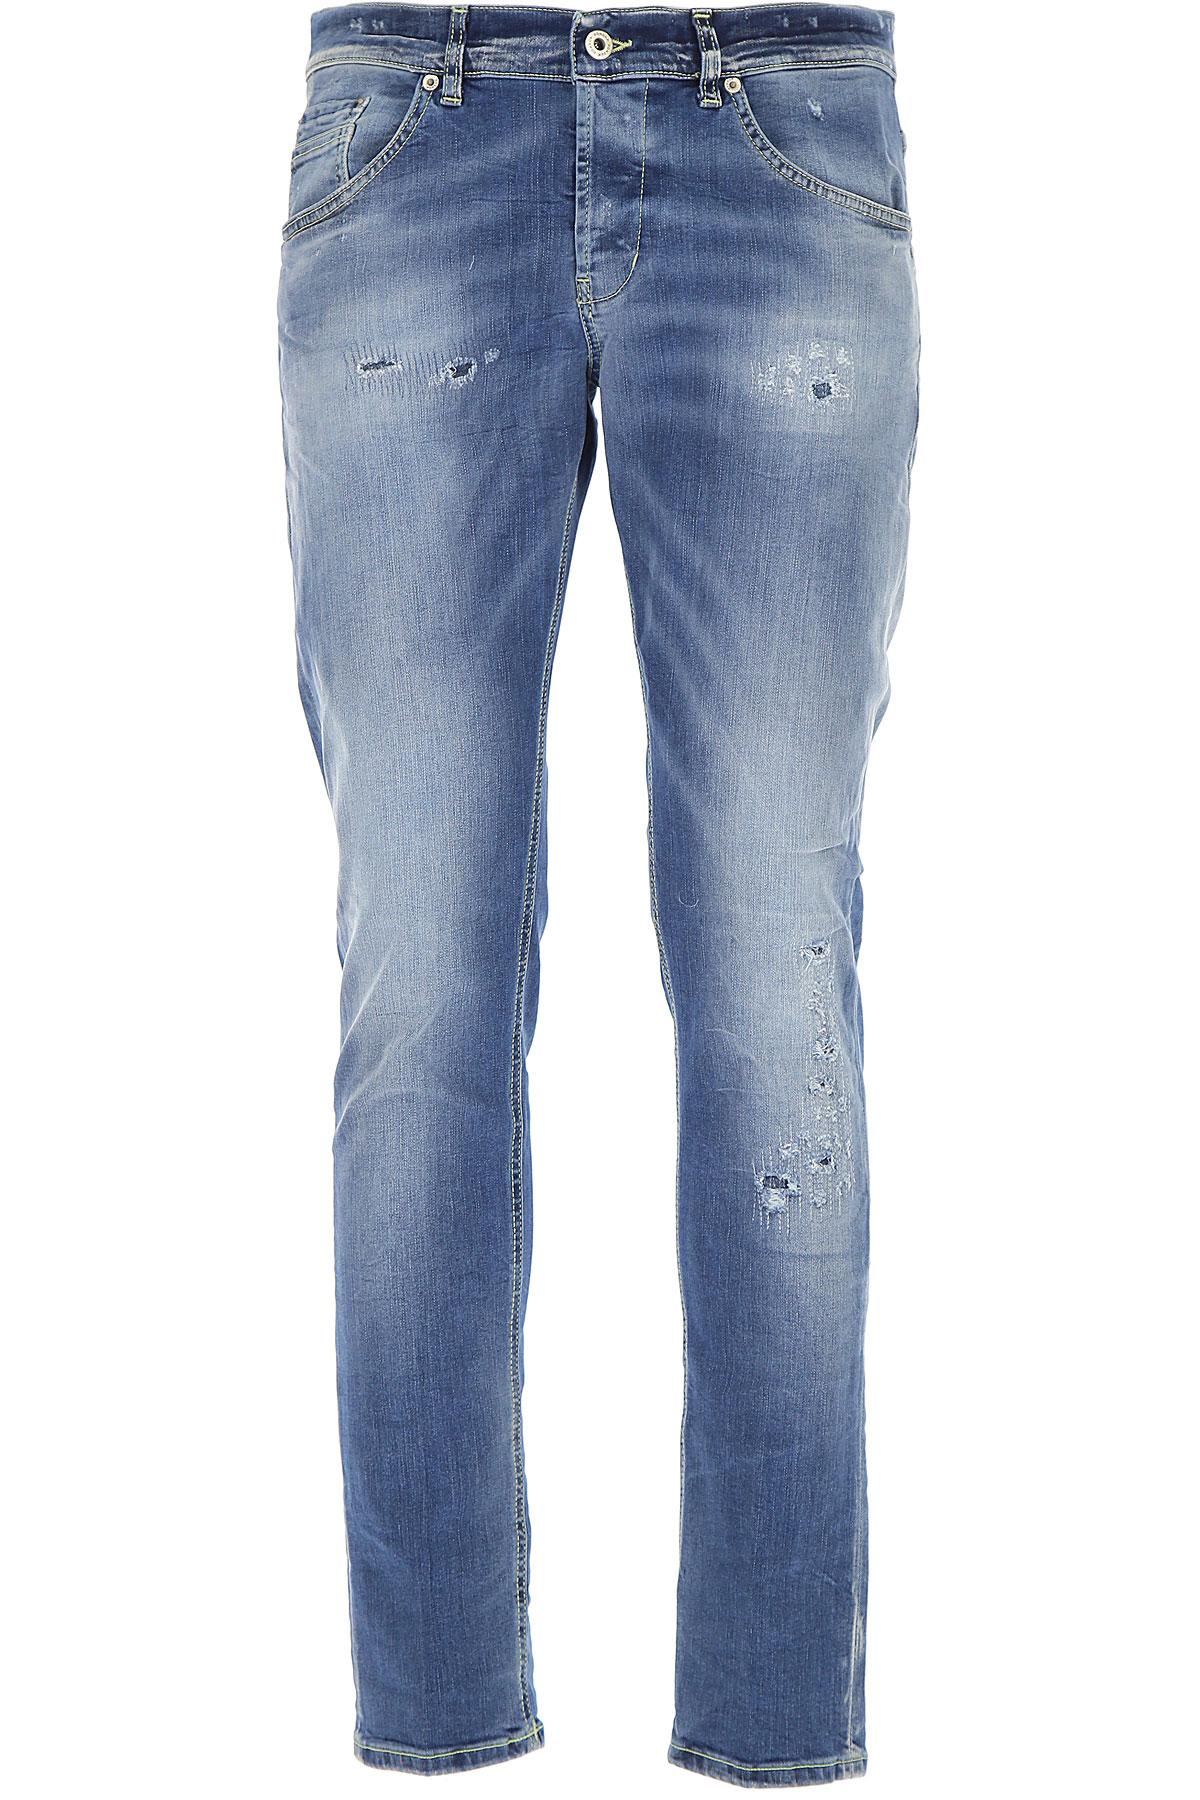 Dondup Jeans, Denim Blue, Cotton, 2017, 31 32 33 34 35